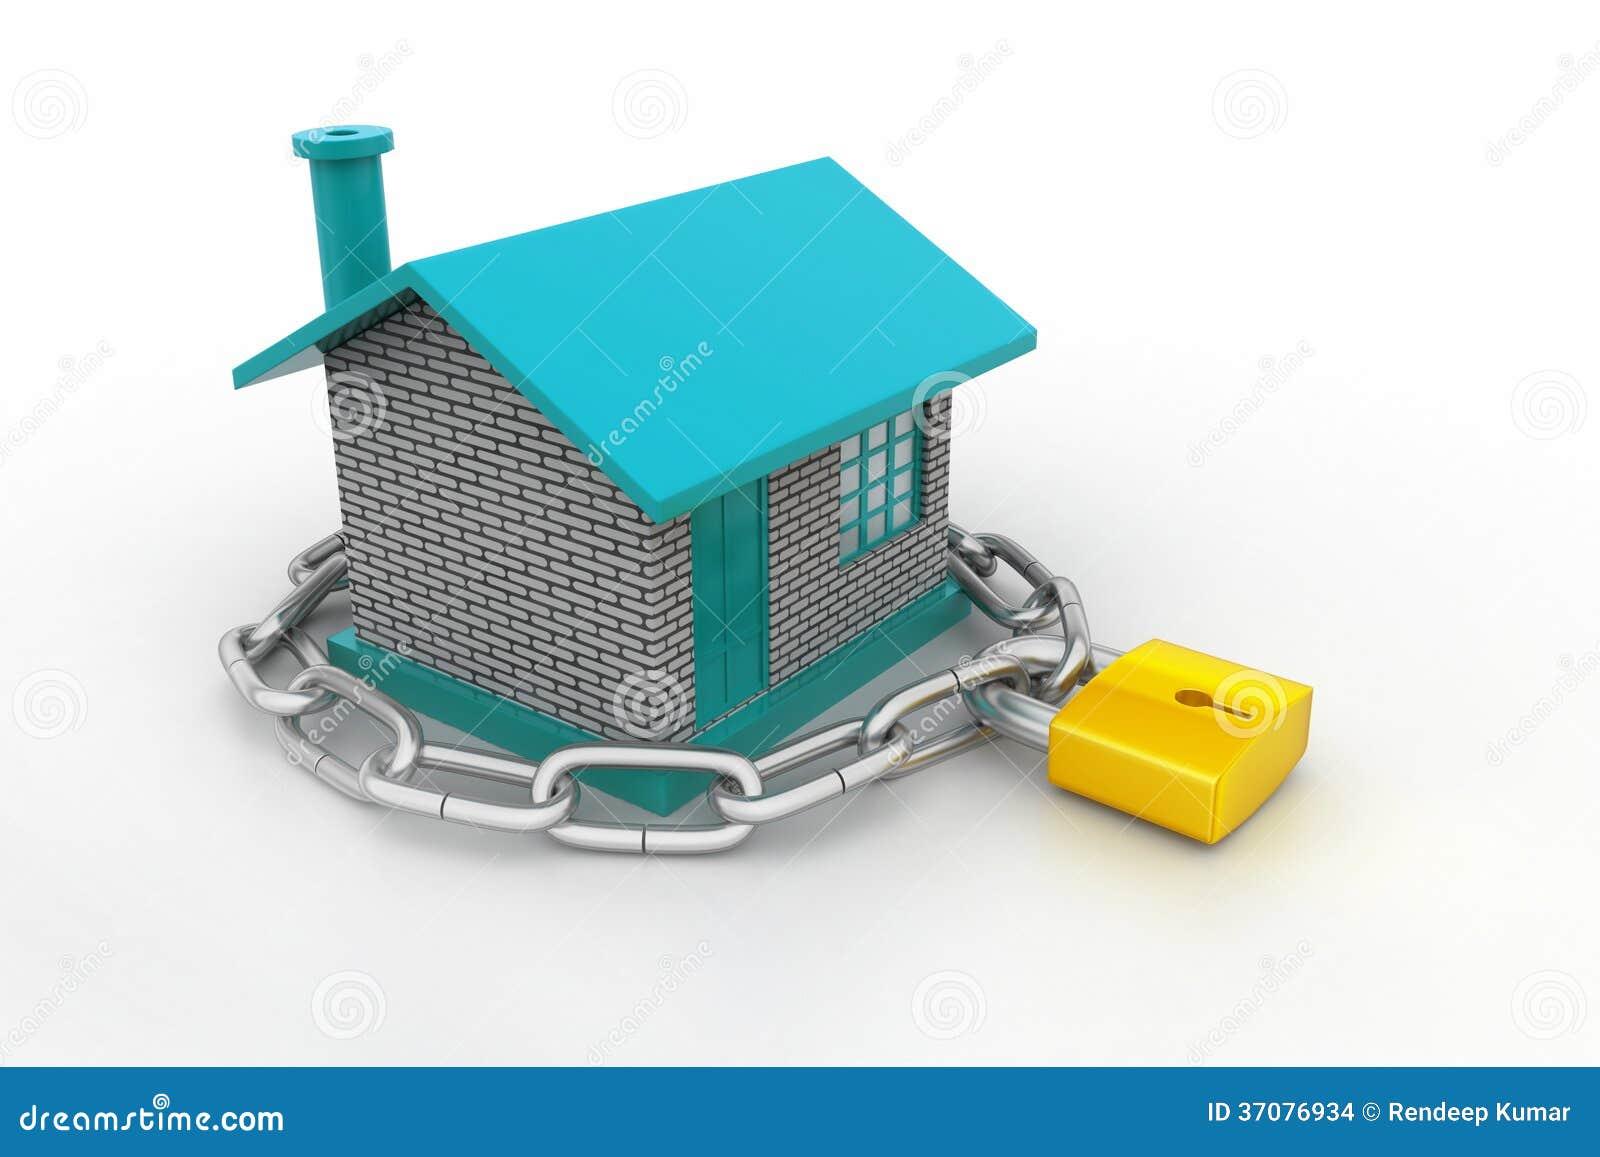 Download Dom Blokujący W łańcuchu I Kłódce Ilustracji - Ilustracja złożonej z nieruchomości, pojęcie: 37076934